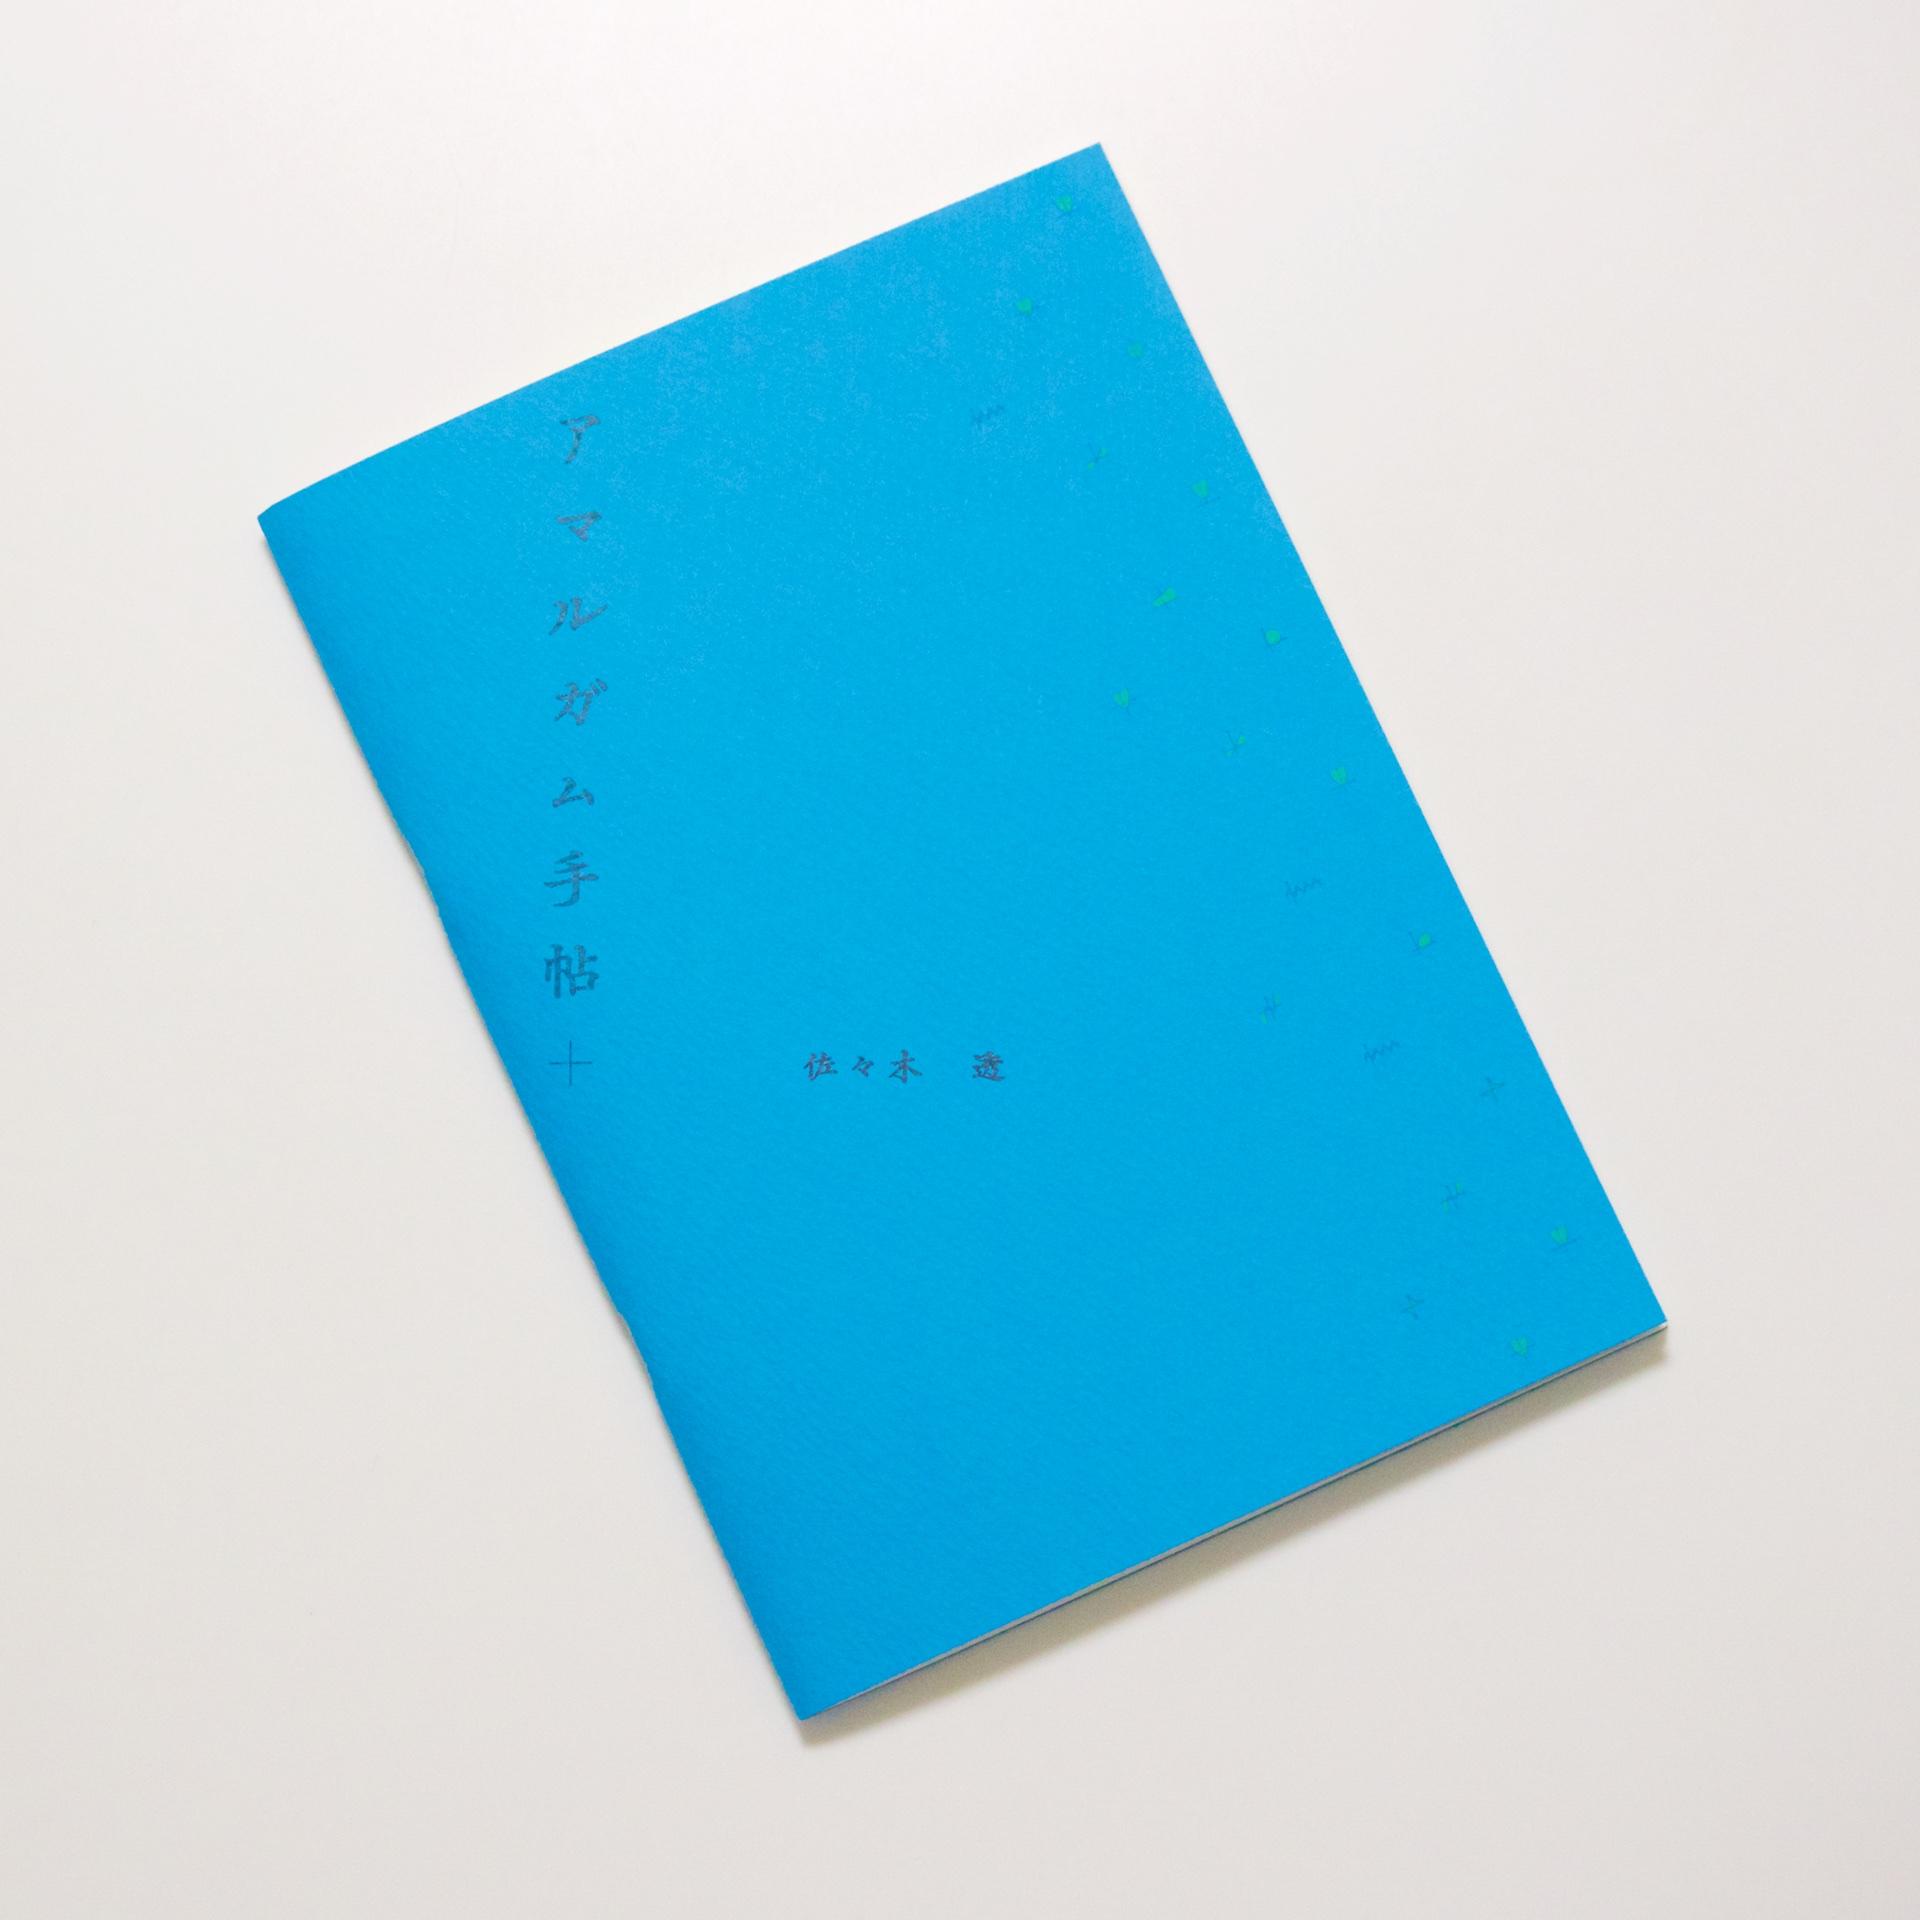 戯曲『アマルガム手帖+』¥700